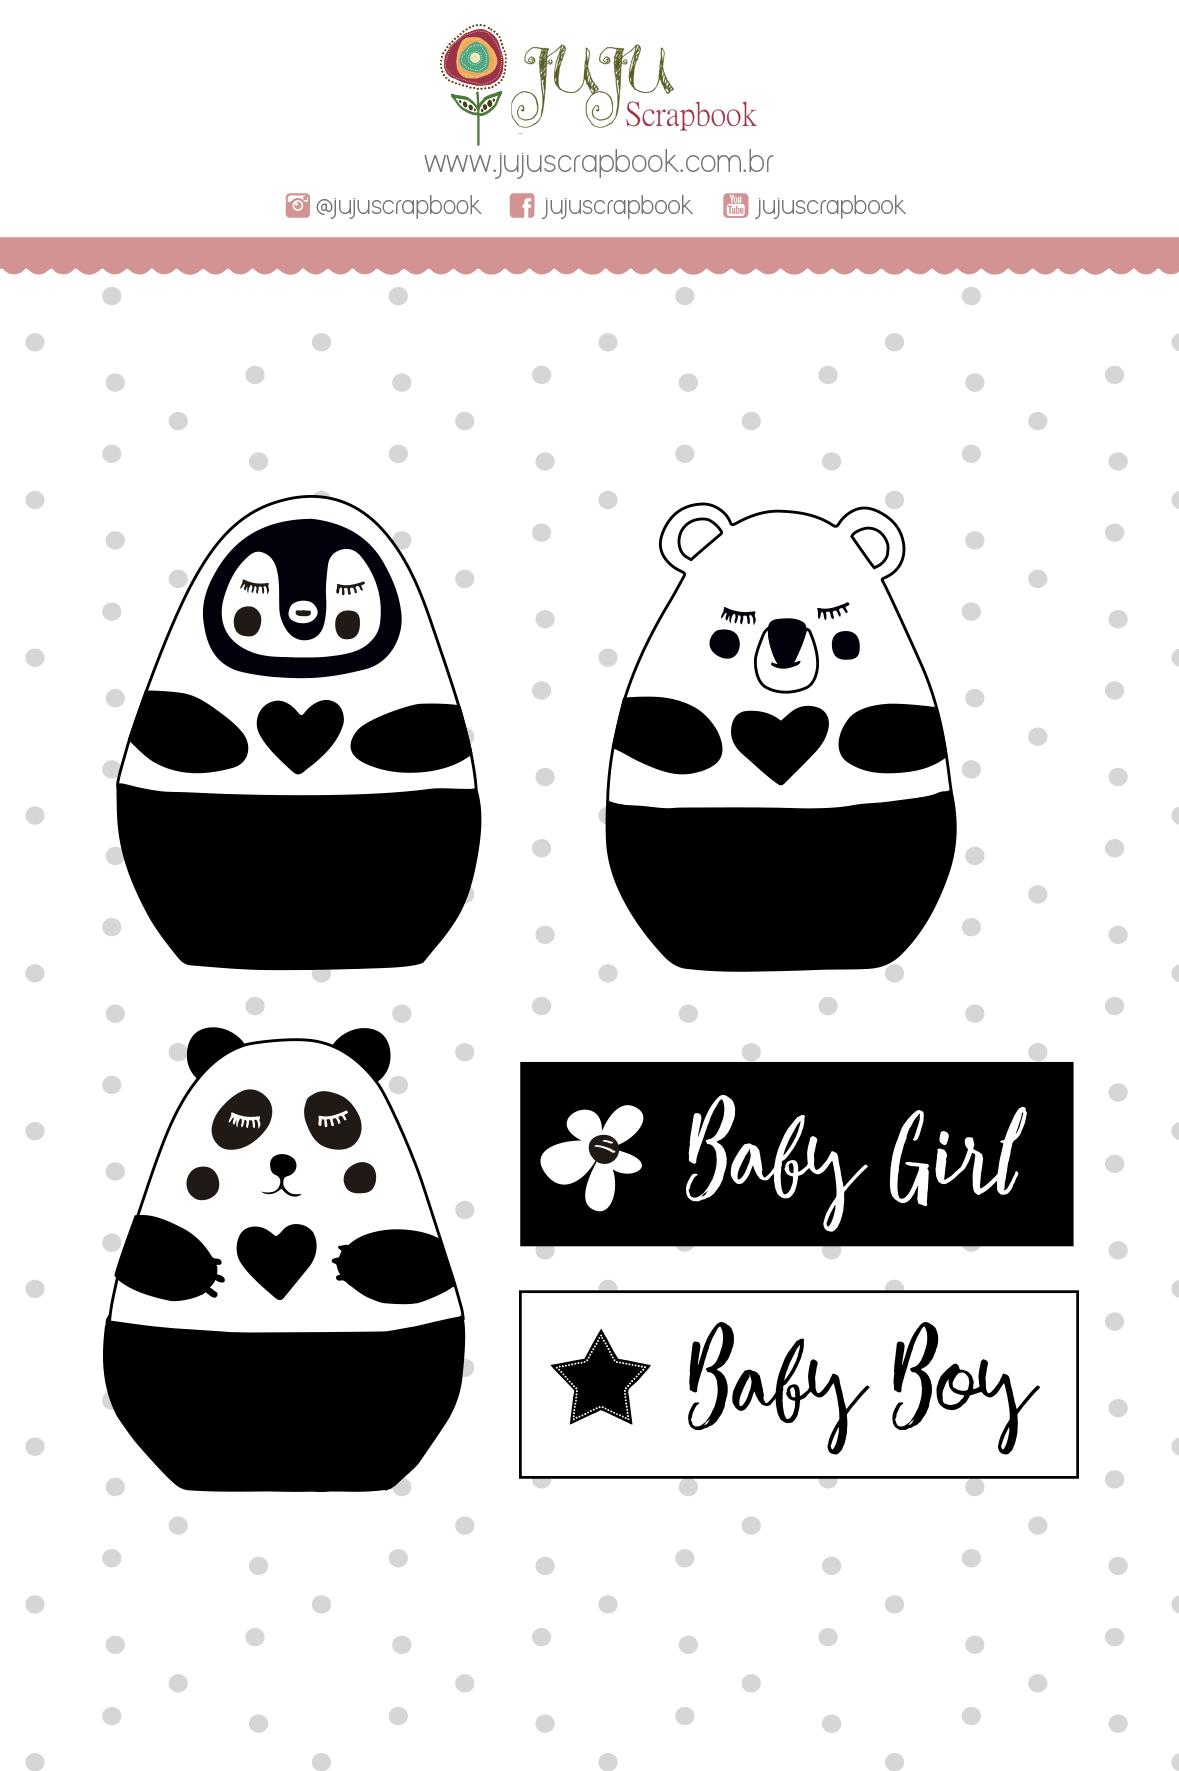 Carimbo XG Baby Girl, Baby Boy - Coleção Meu Coração é Seu - JuJu Scrapbook  - JuJu Scrapbook